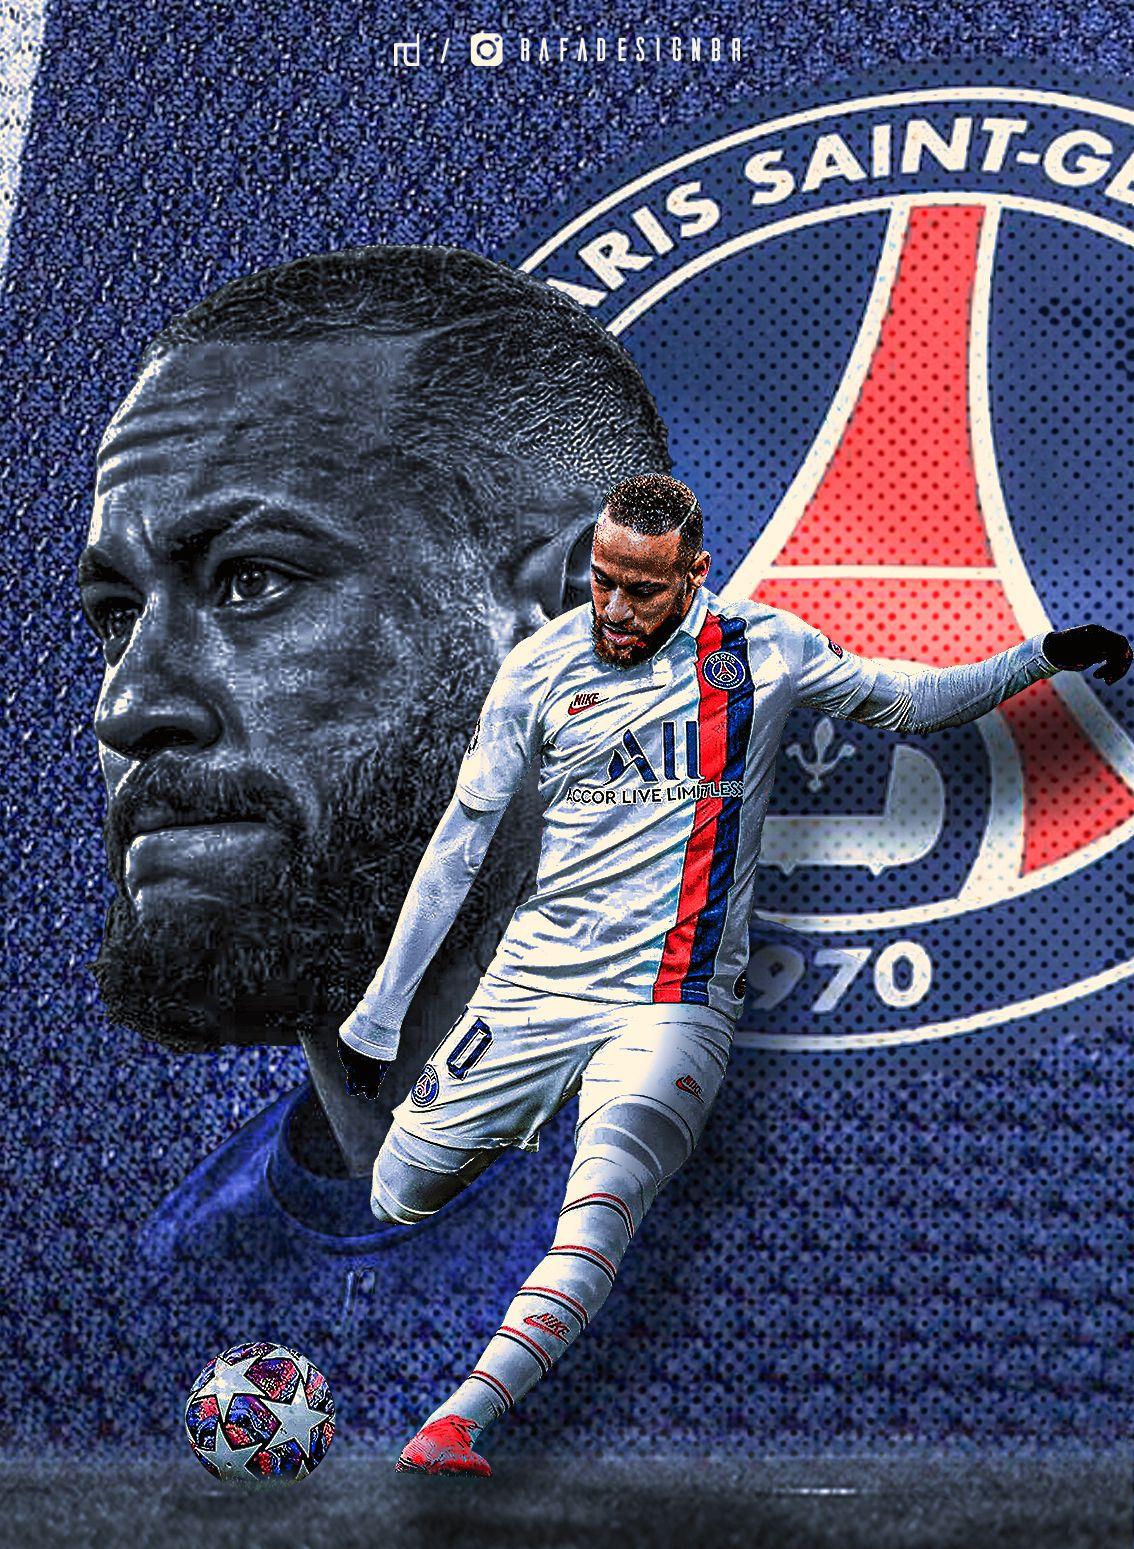 Neymar Psg Futebol Neymar Jogadores De Futebol Fotos De Futebol